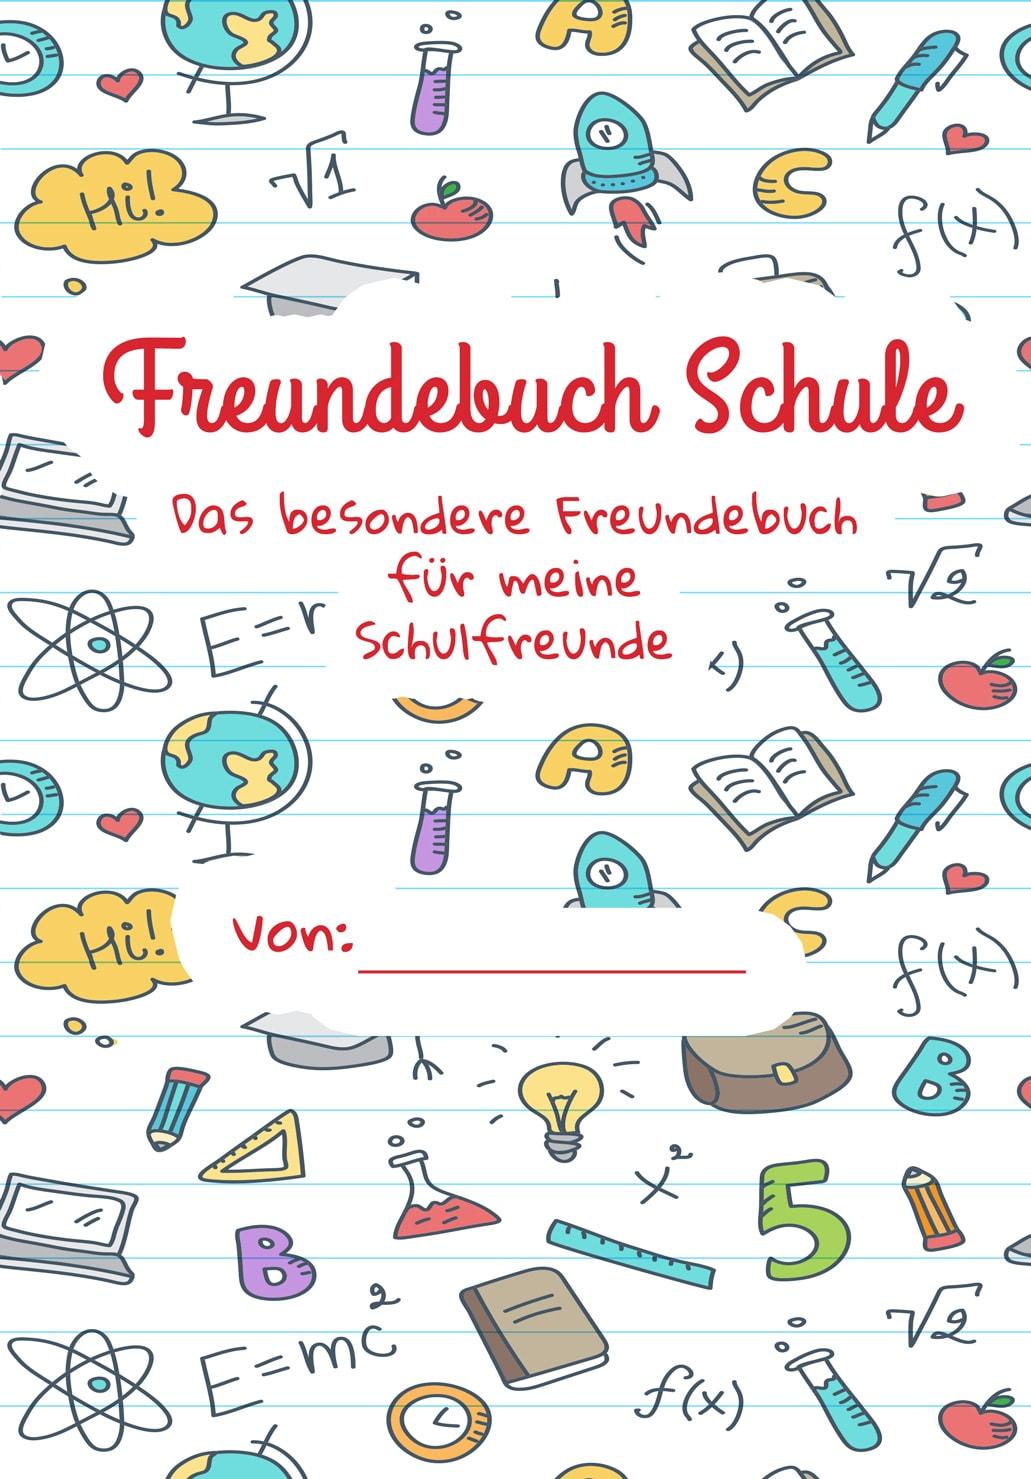 Freundebuch Schule Für Mädchen Und Jungen Zum Selbst Gestalten